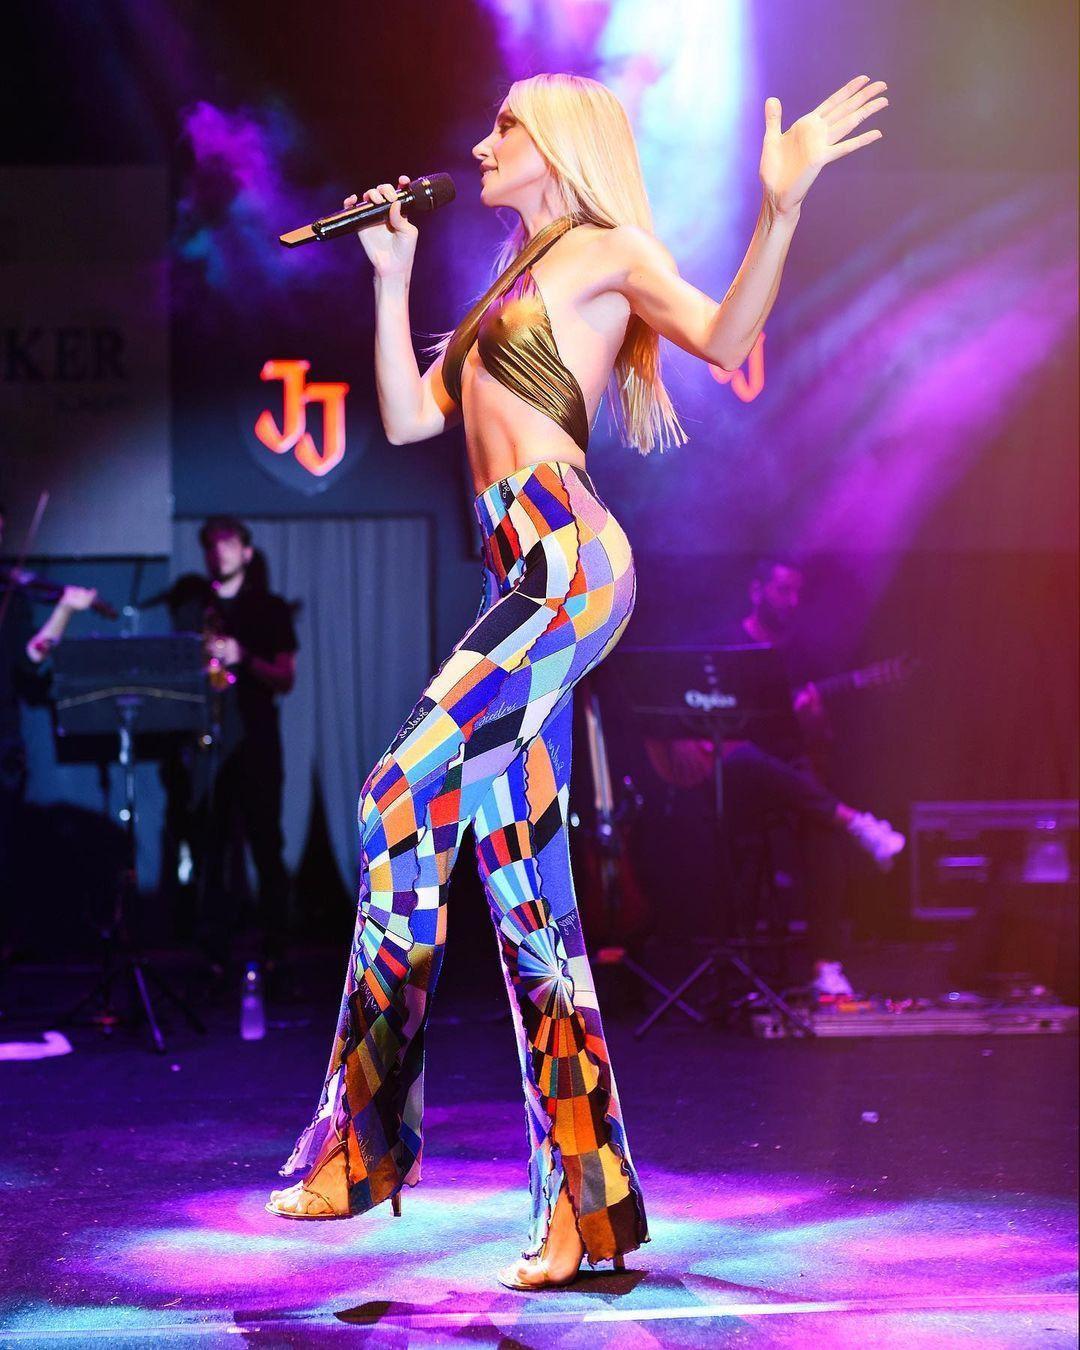 Gülşen'den yine olay sahne kıyafeti! Konsere transparan elbiseyle çıktı... - Sayfa 3